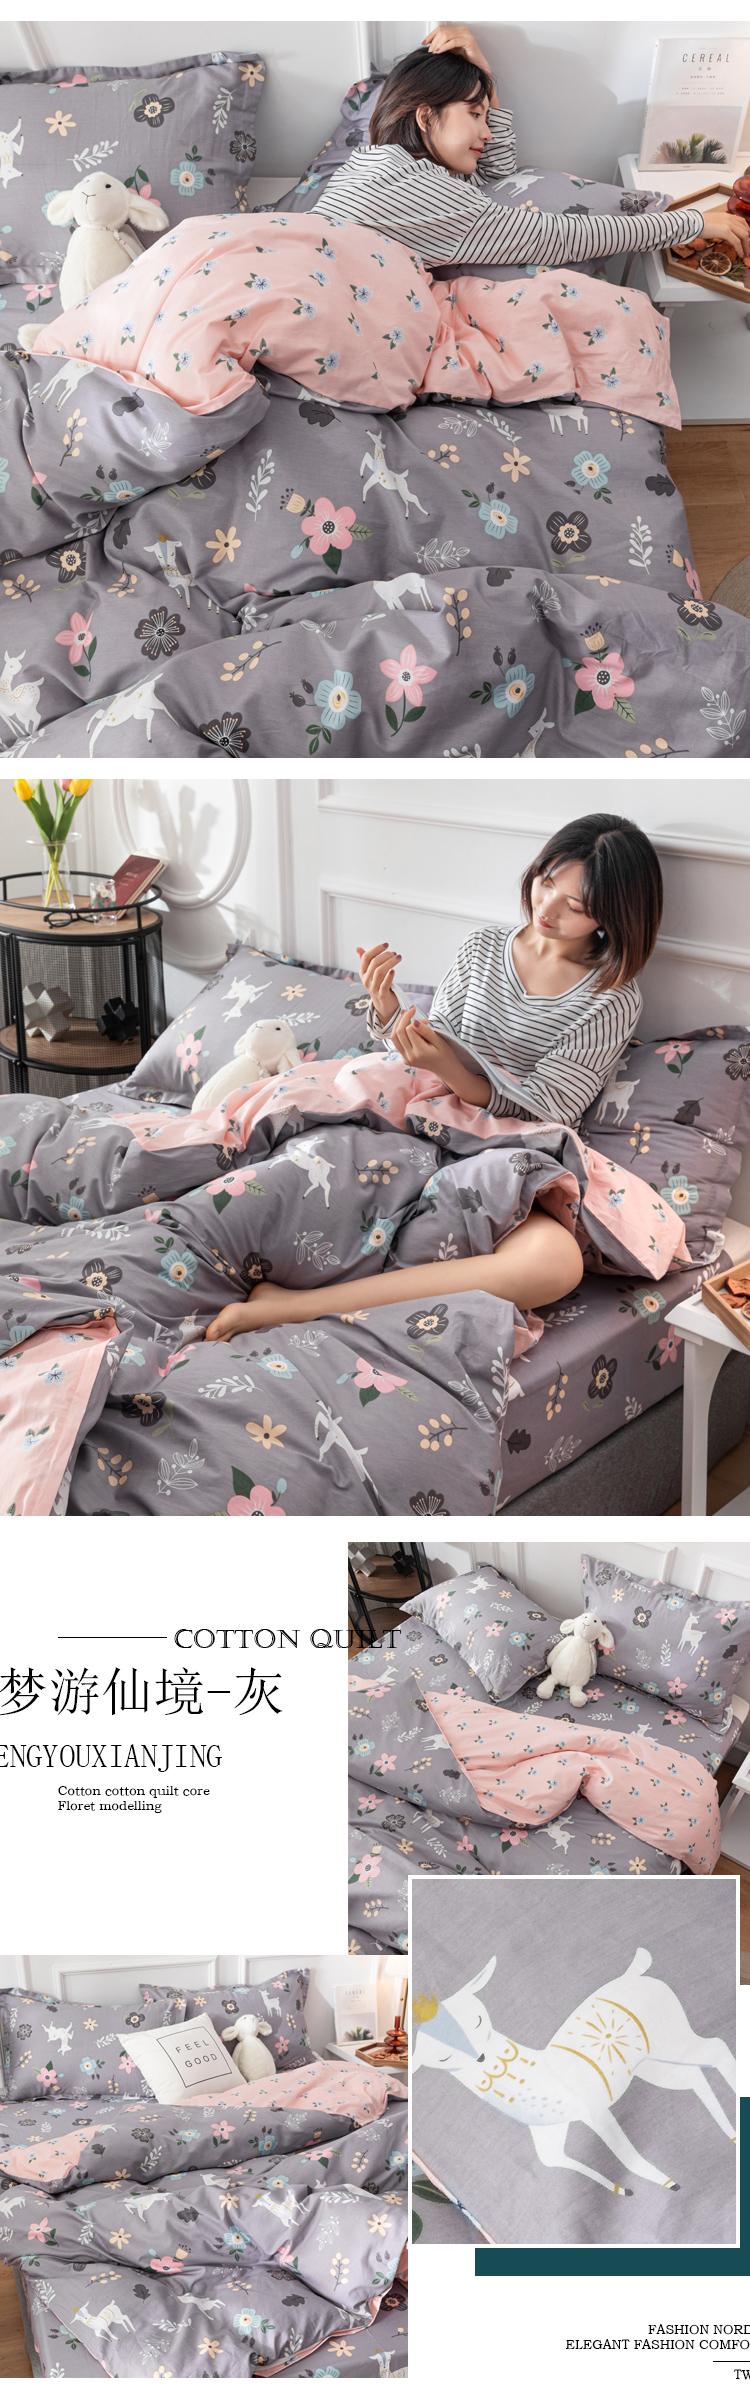 紫罗兰全棉印花四件套纯棉床单被套床上用品网红款清新床笠三件套详细照片